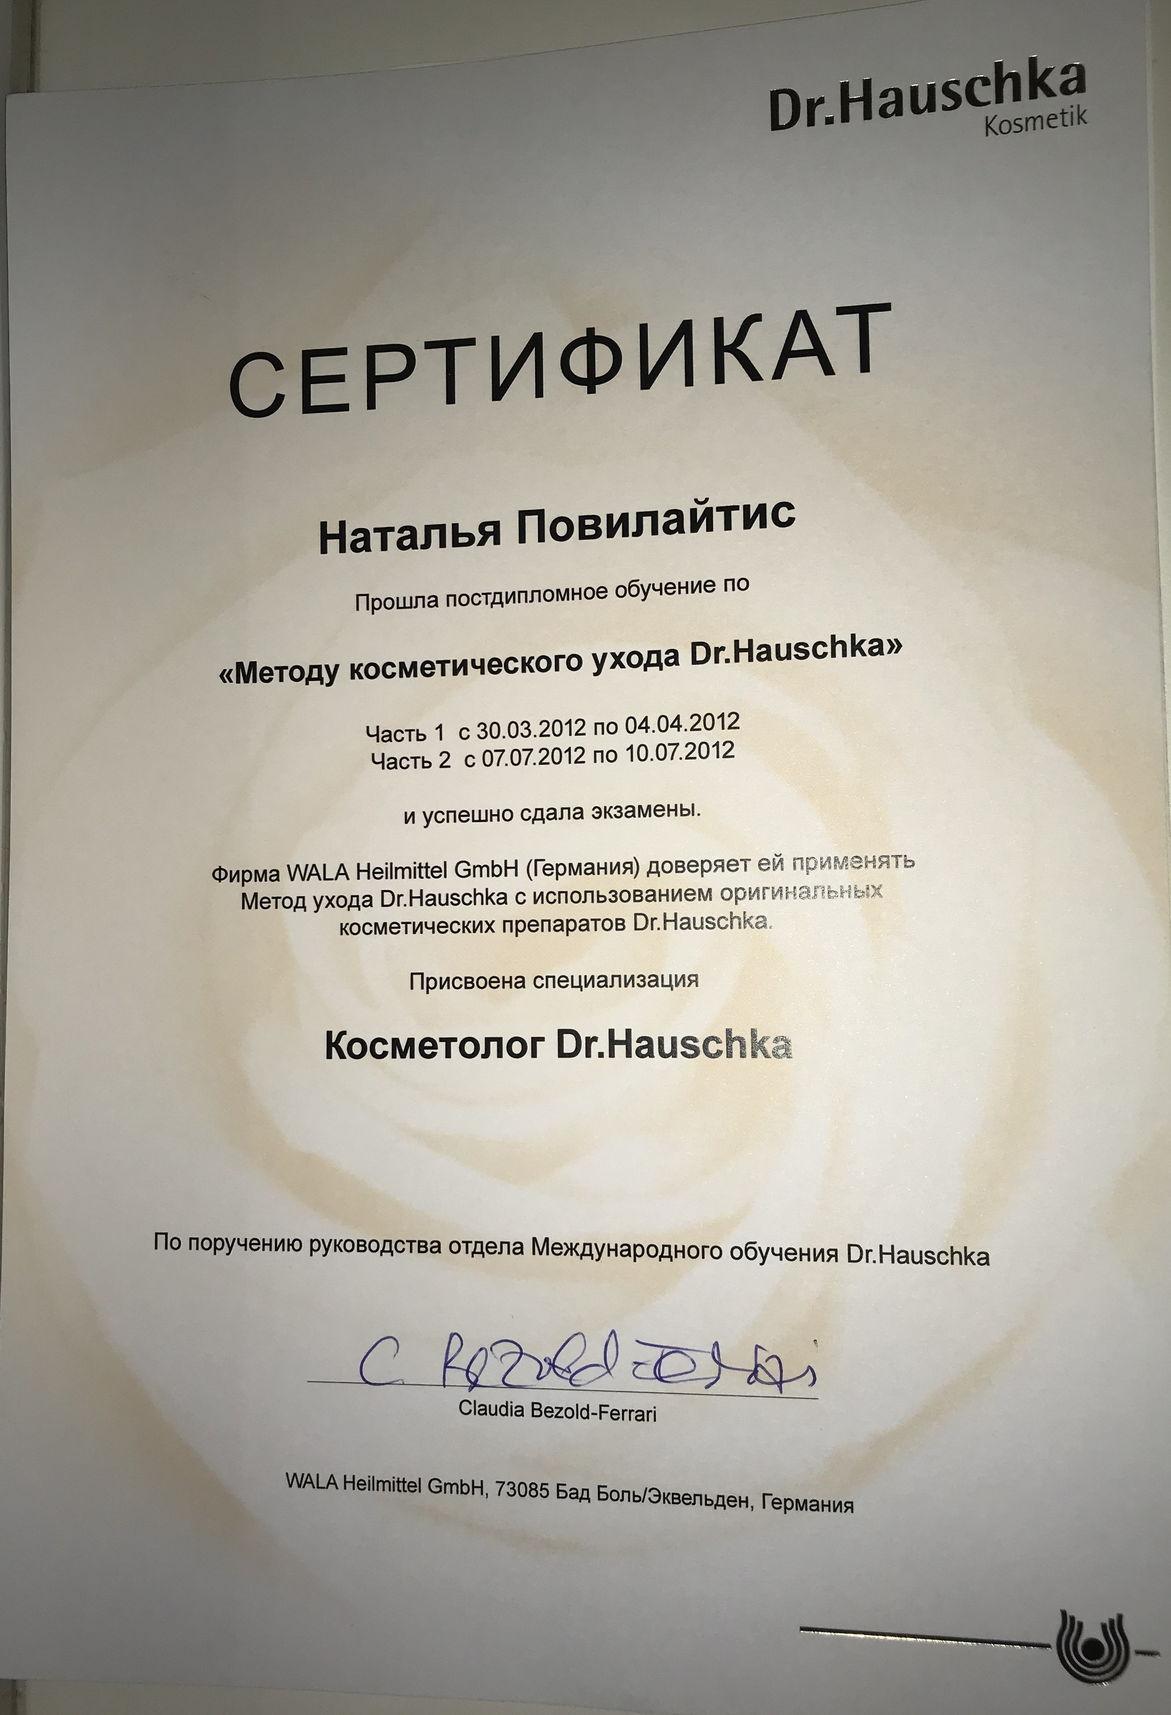 2012 Присвоена квалификация косметолог Dr. Hauschka.